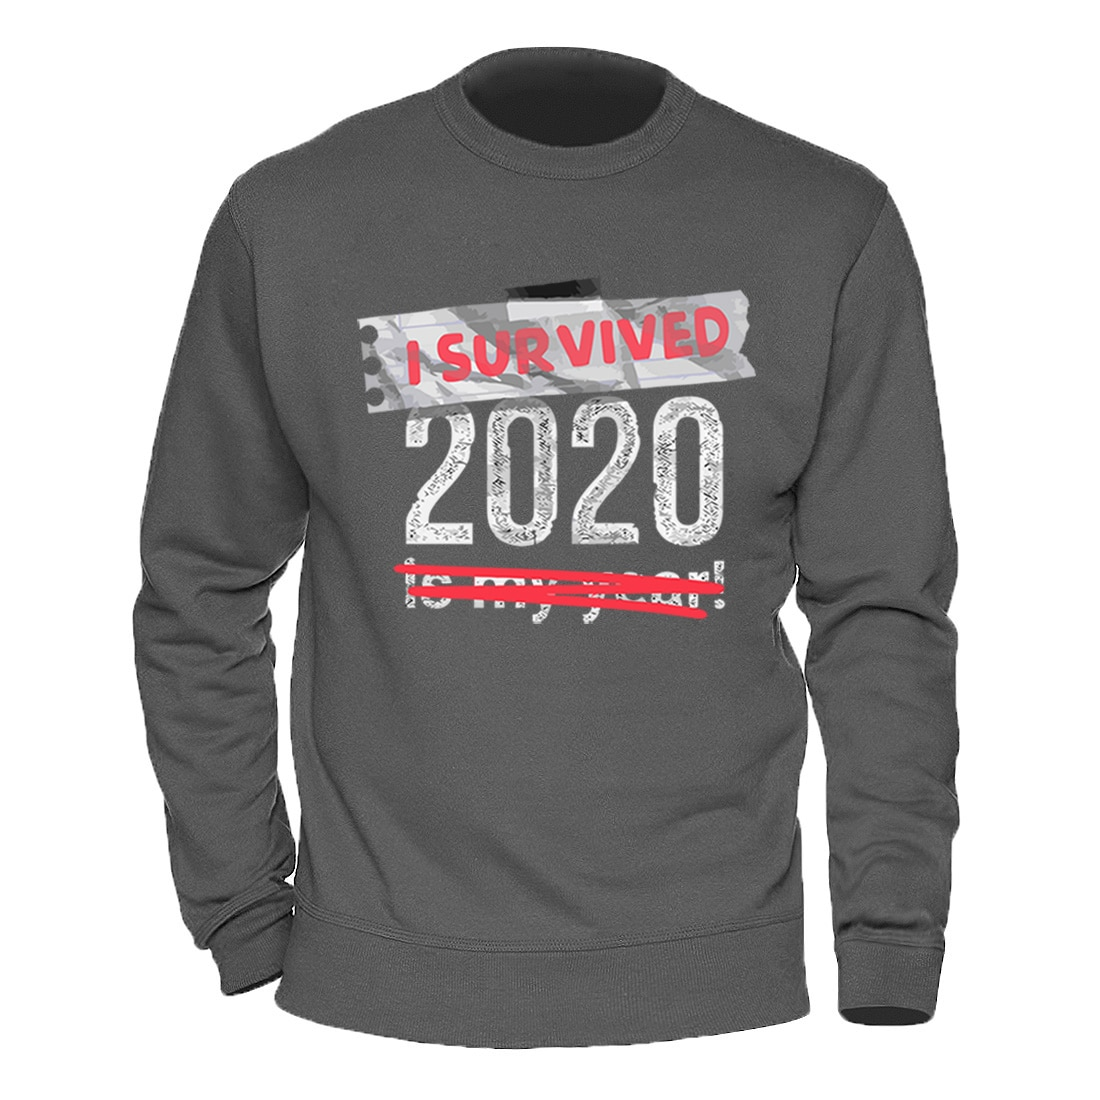 Eu sobrevivi 2020 impressão hoodie moletom moletom dos homens de alta qualidade inverno outono velo manga longa pulôver homme casual solto agasalho